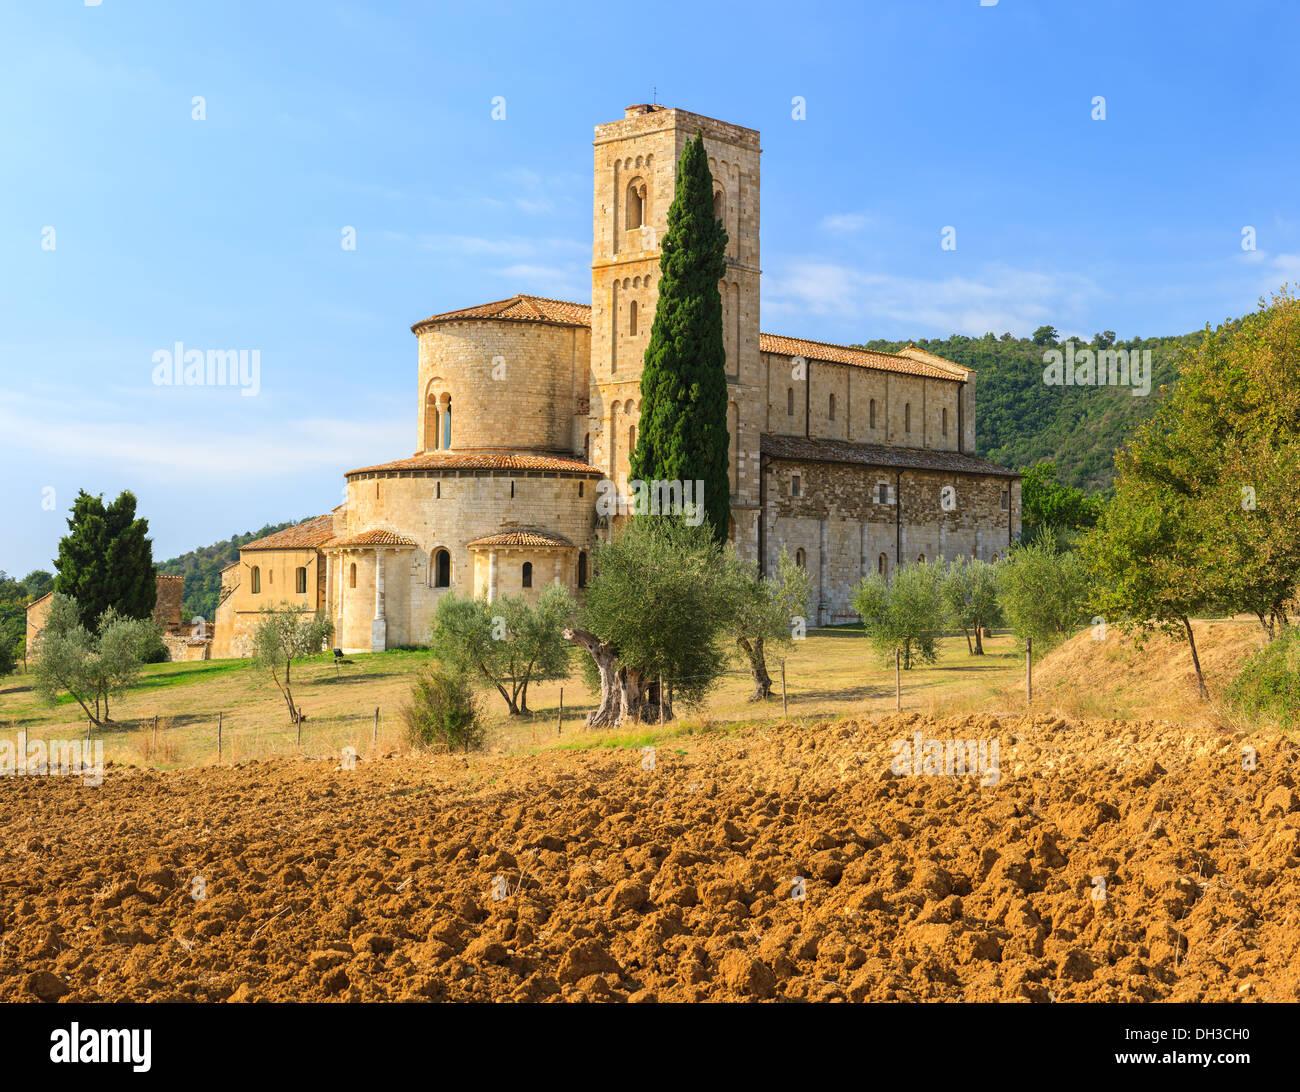 Die Abtei Sant'Antimo ist ein ehemaliges Benediktinerkloster in der Comune von Montalcino, Toskana, Mittelitalien Stockbild